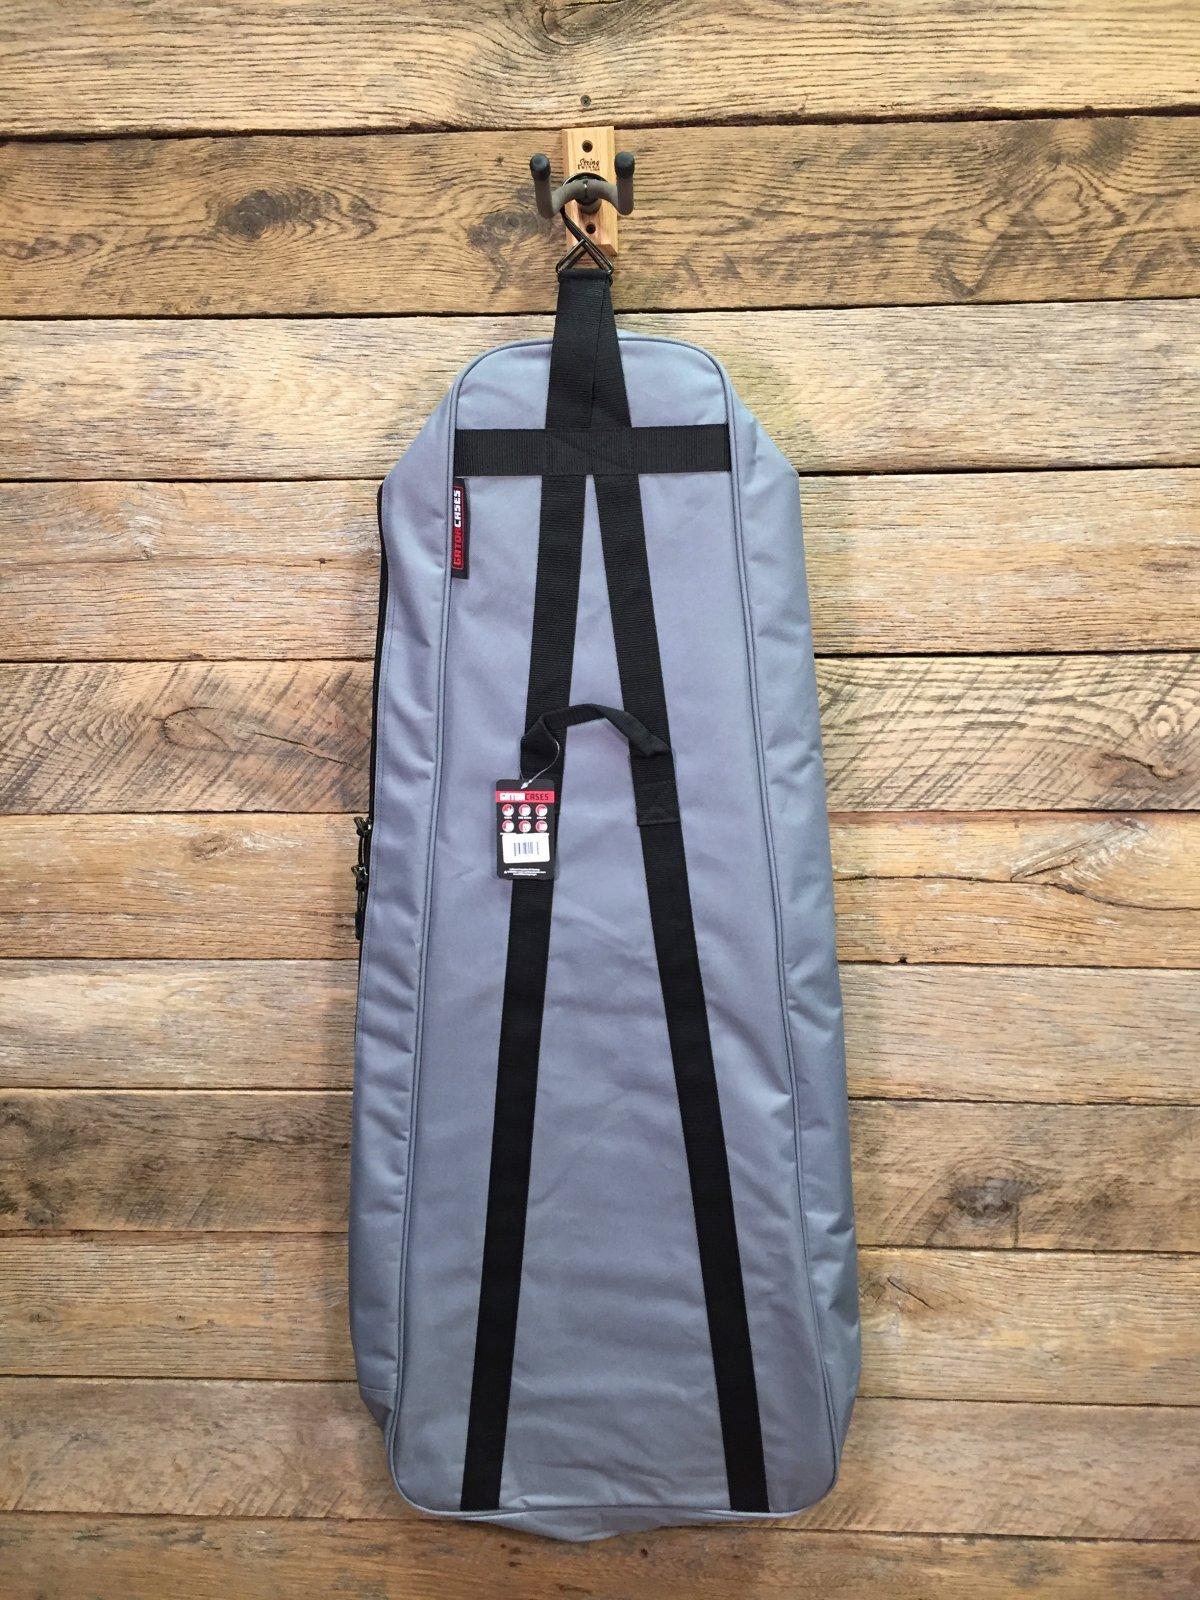 Gator GCB-Acoustic Hanging Bag